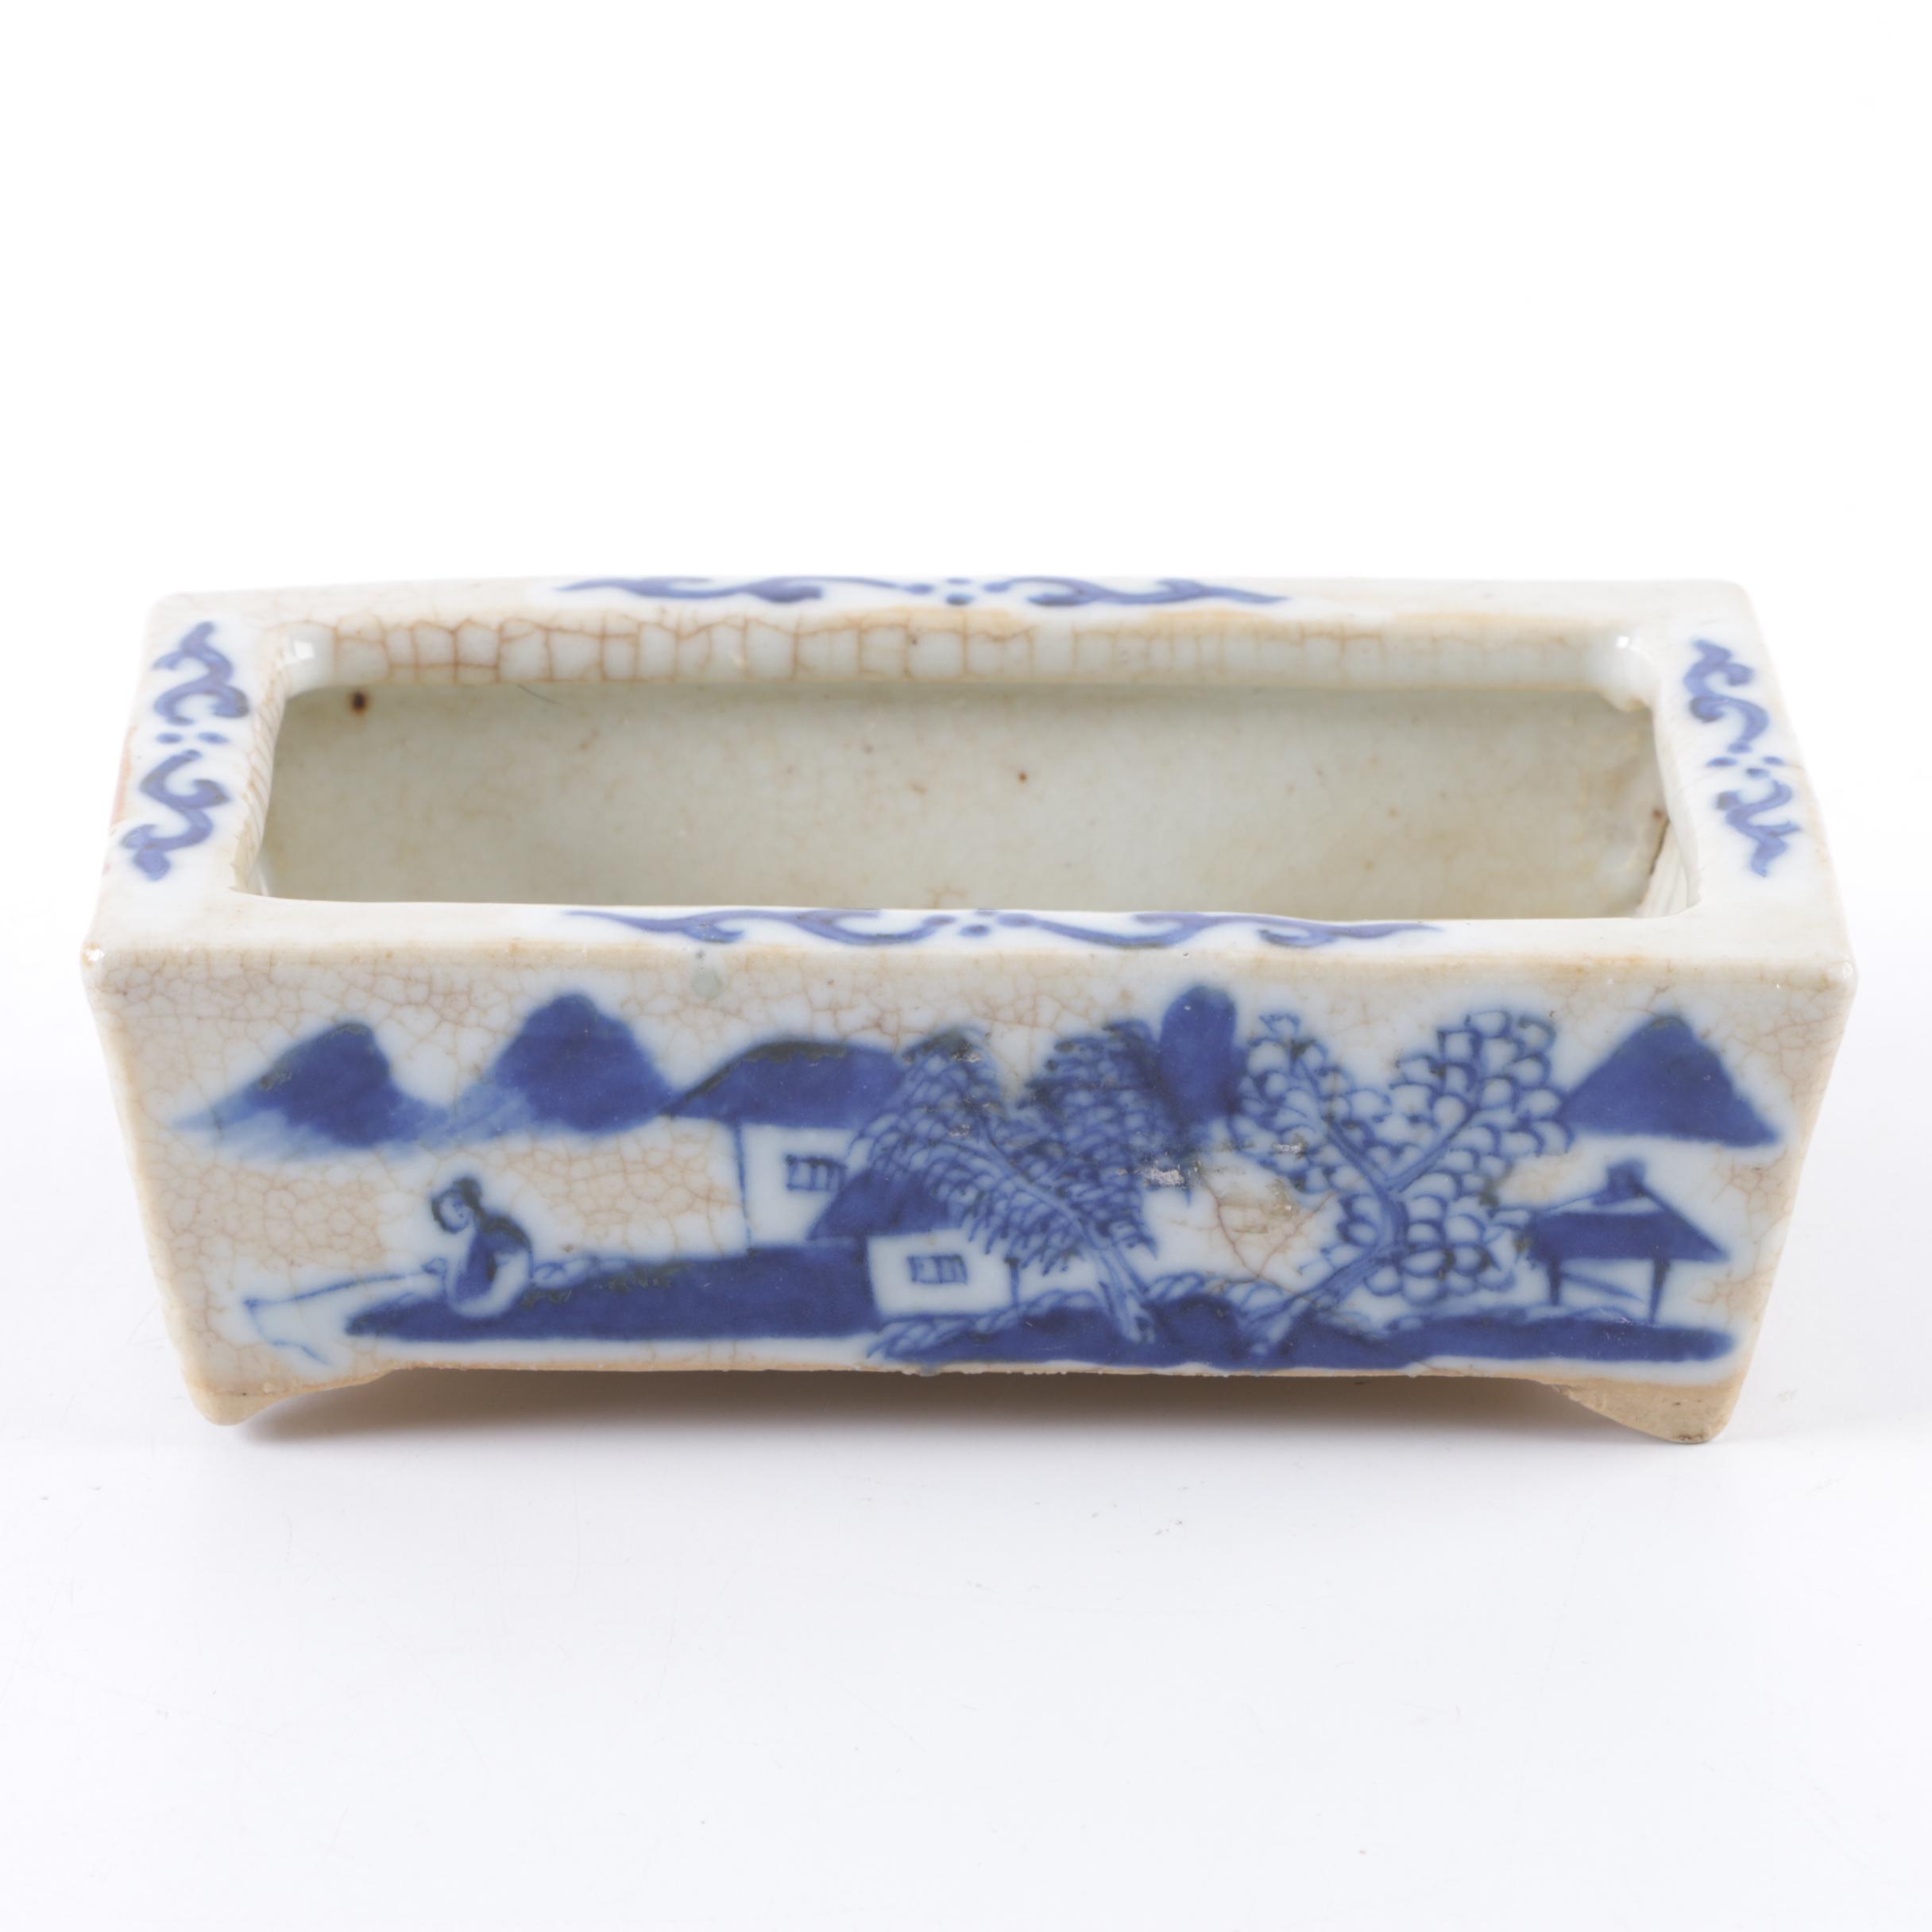 Antique Chinese Ceramic Planter